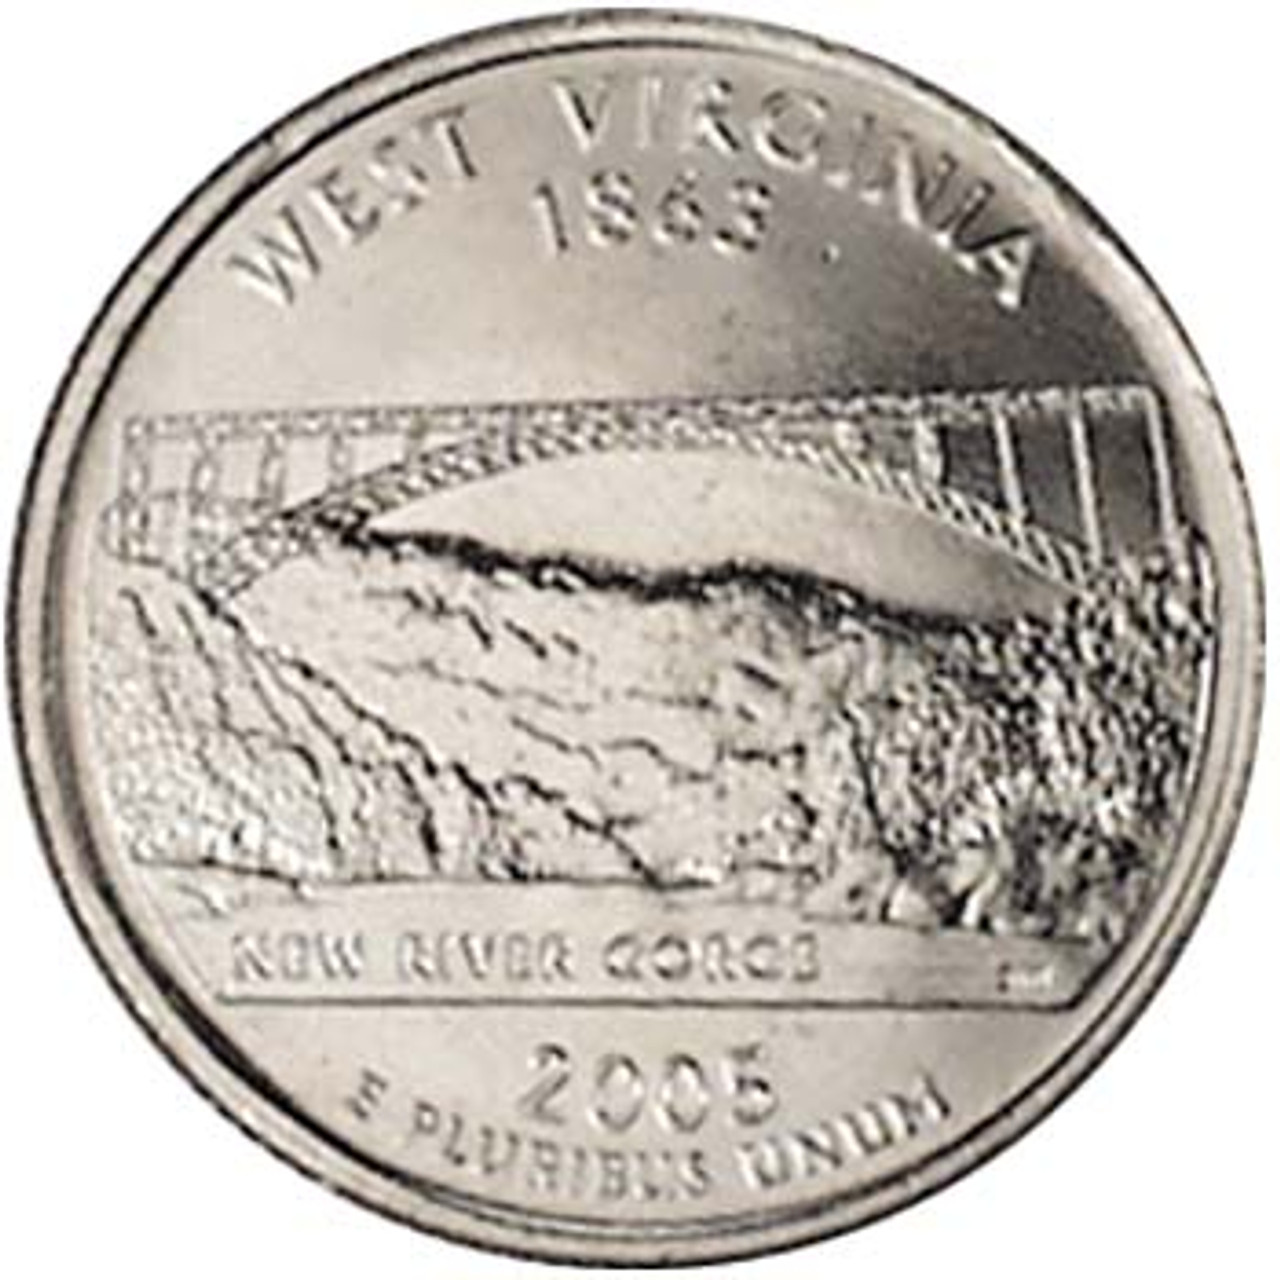 2005-P West Virginia Quarter Brilliant Uncirculated Image 1